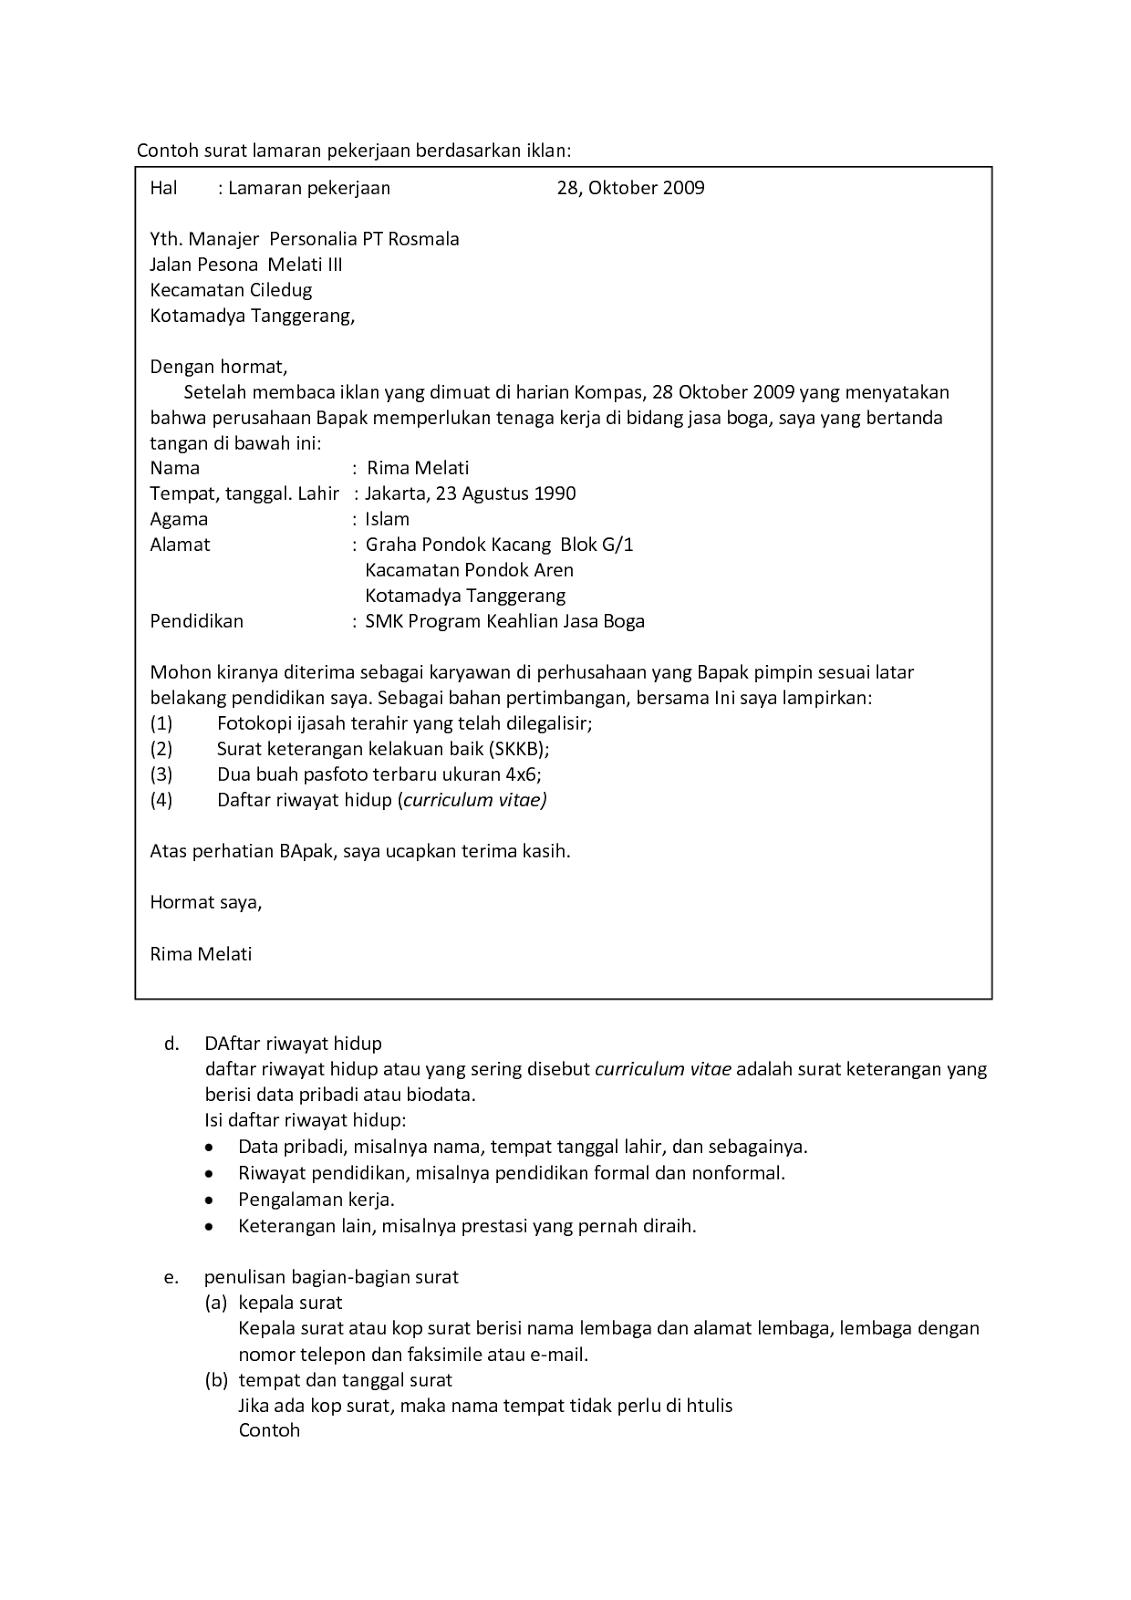 10 Format Surat Lamaran Kerja Surat, Membaca, Tanda